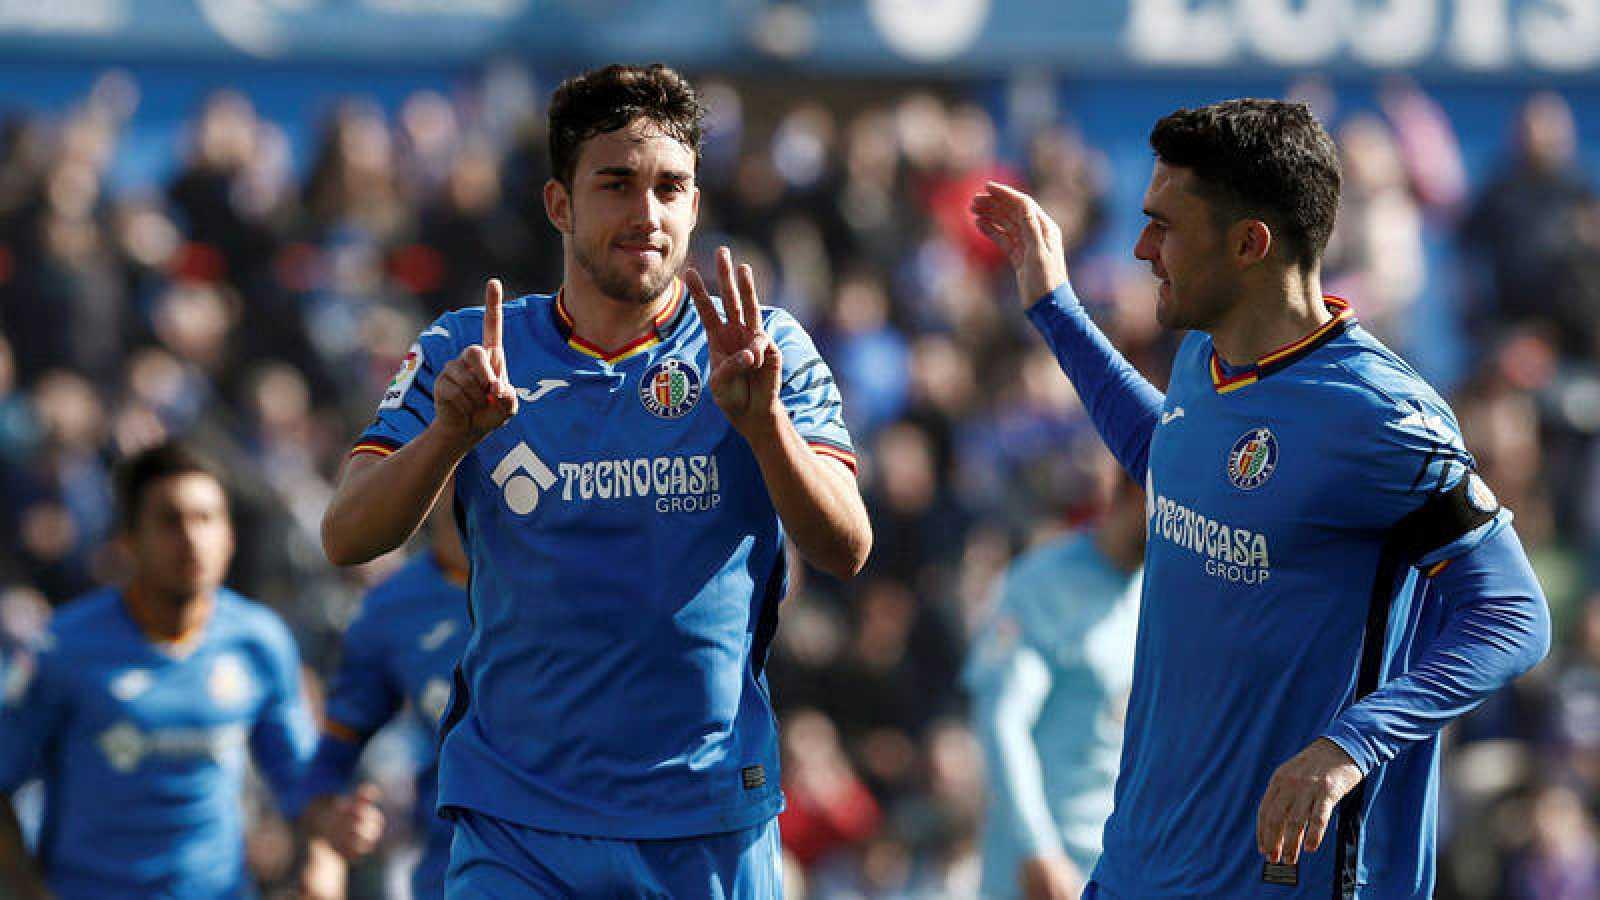 Los autores de los goles, Mata (i) y Jorge Molina (d) celebran uno de los tantos